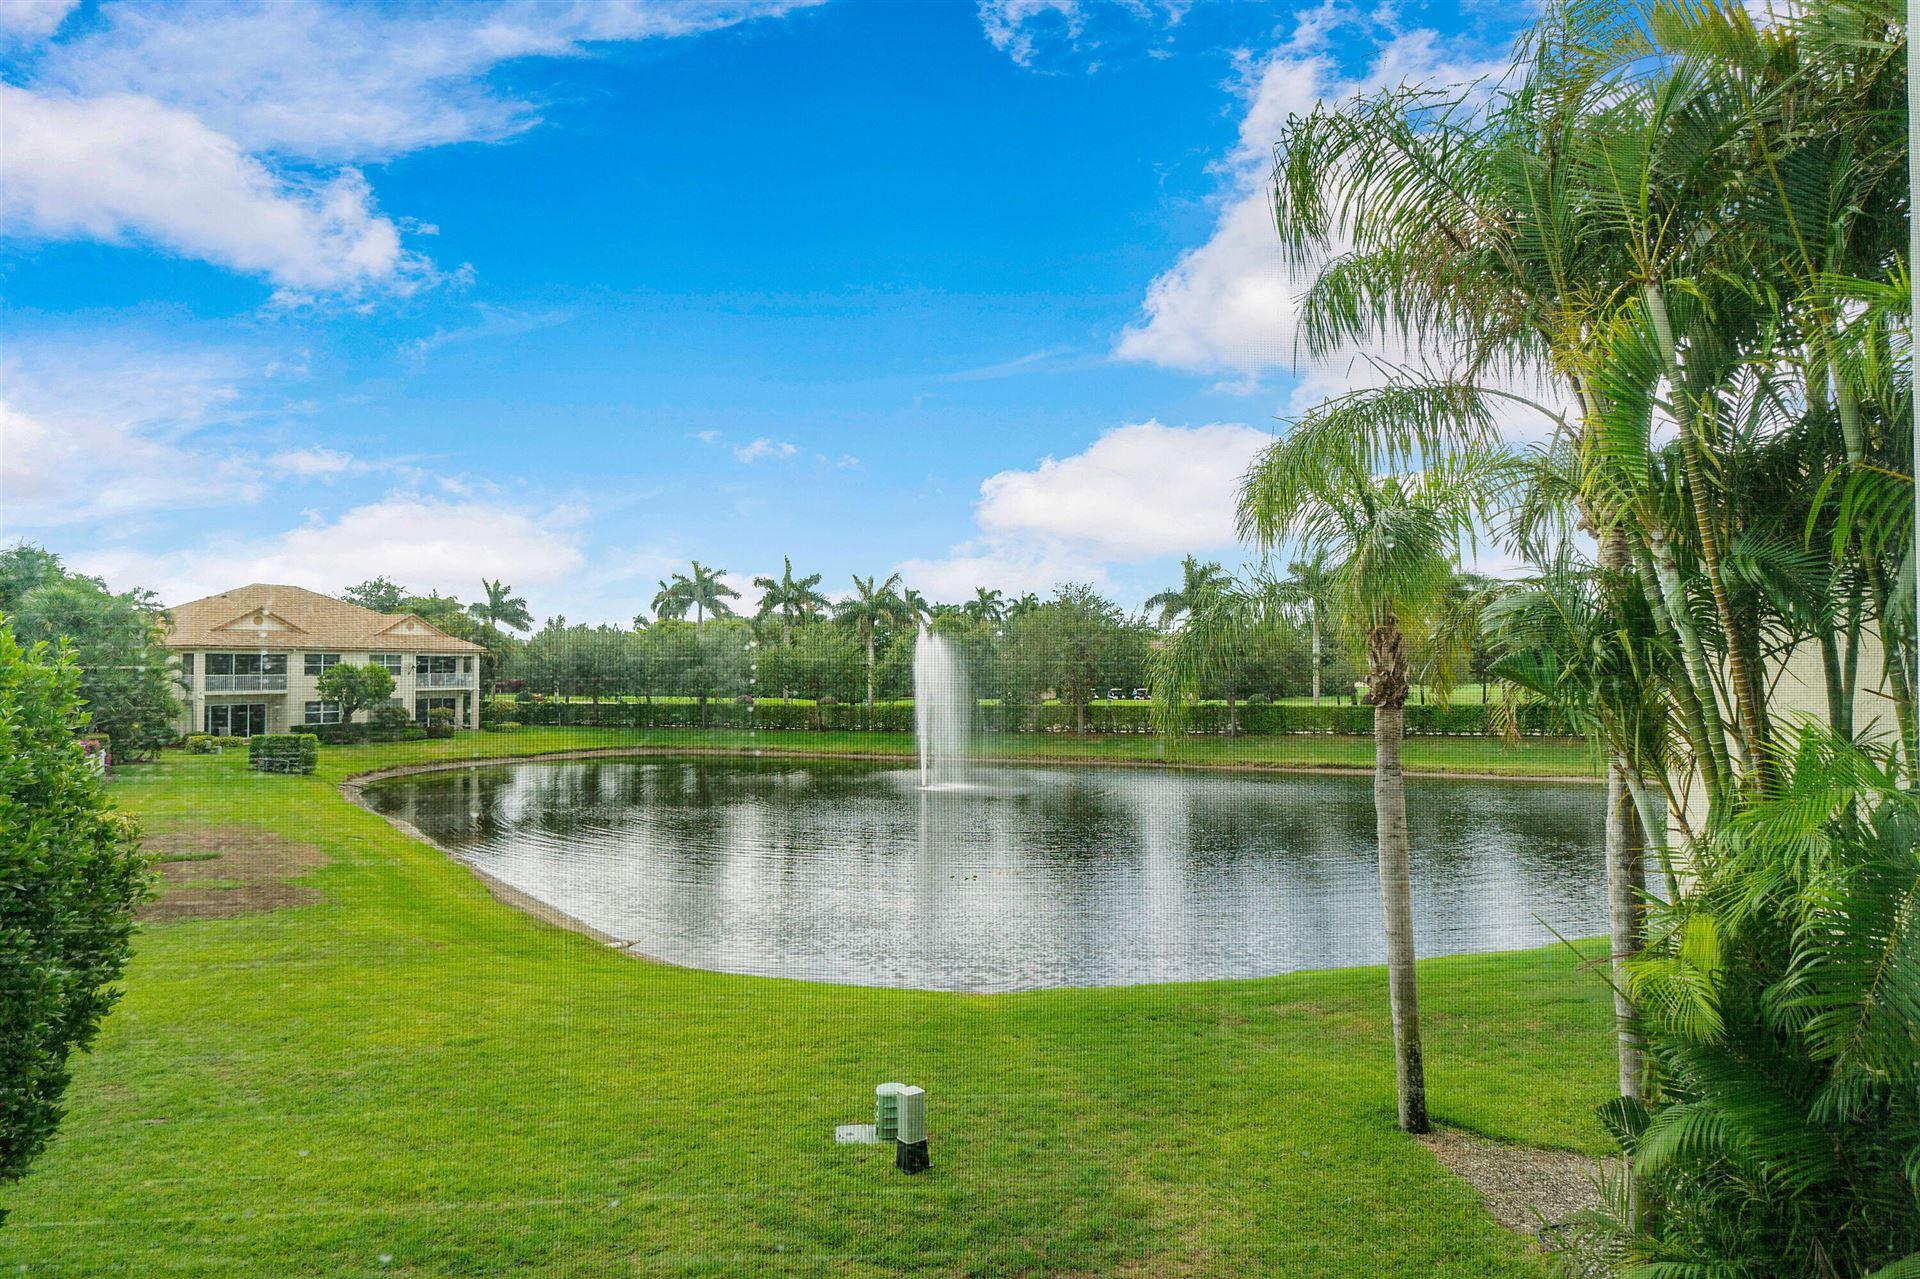 6357 Graycliff Drive #D, Boca Raton, FL 33496 - MLS#: RX-10712303